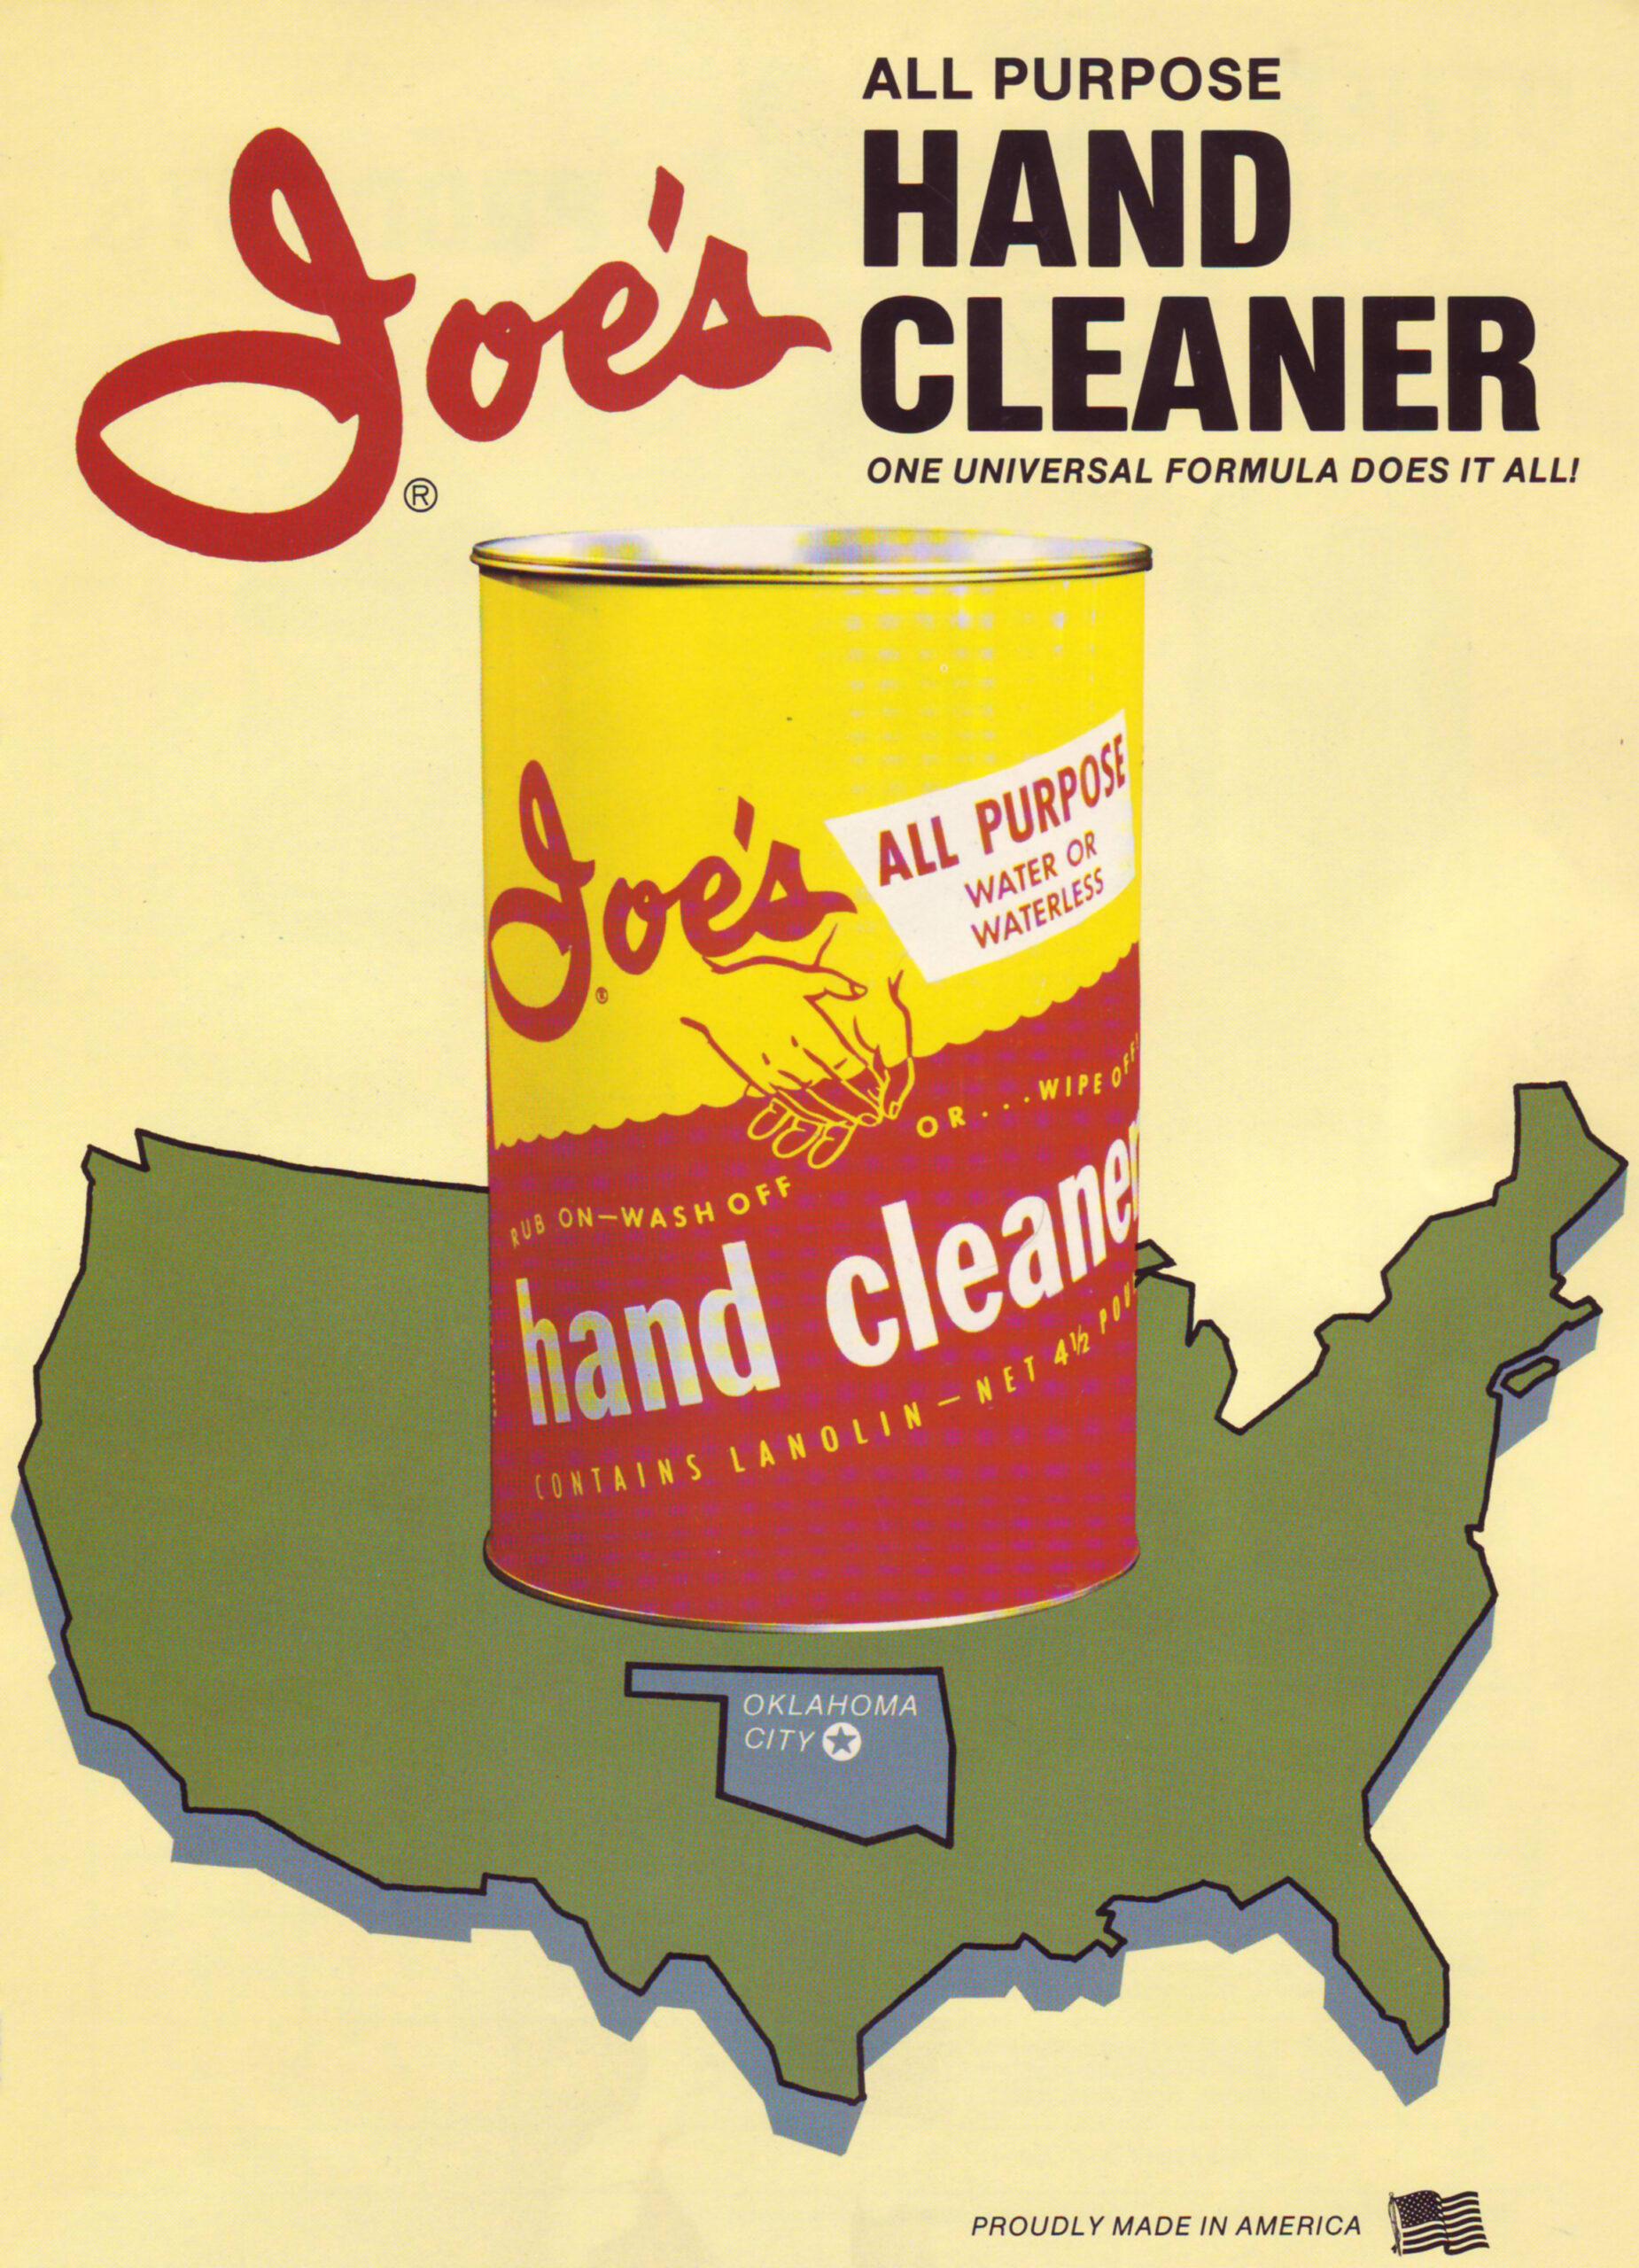 Joe's All Purpose Hand Cleaner Original Metal Can